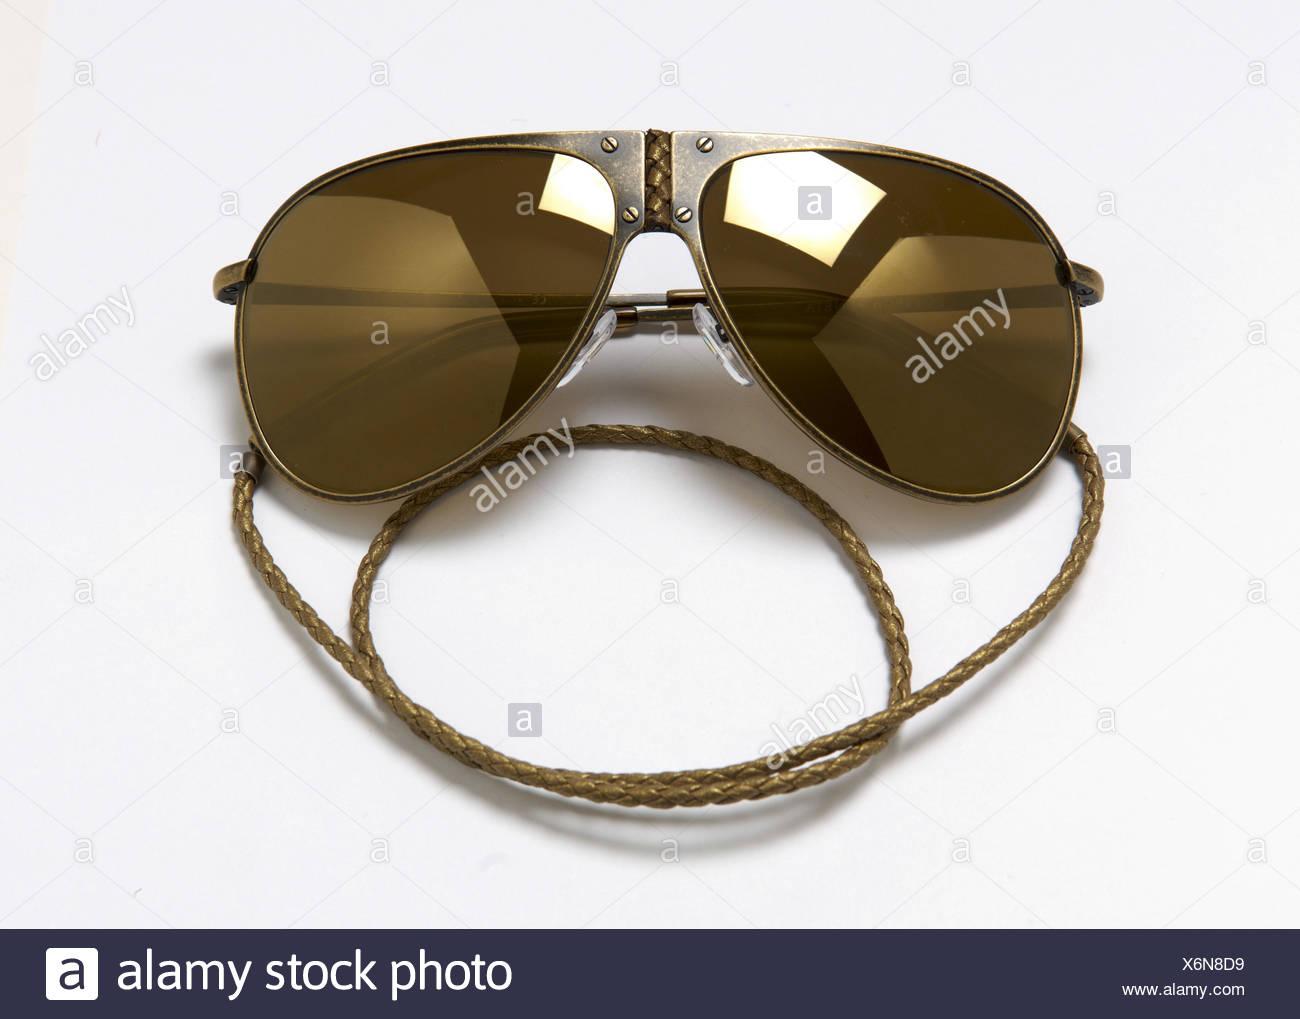 8e96b4de98c Dark Sunglasses Glasses Stock Photos   Dark Sunglasses Glasses Stock ...